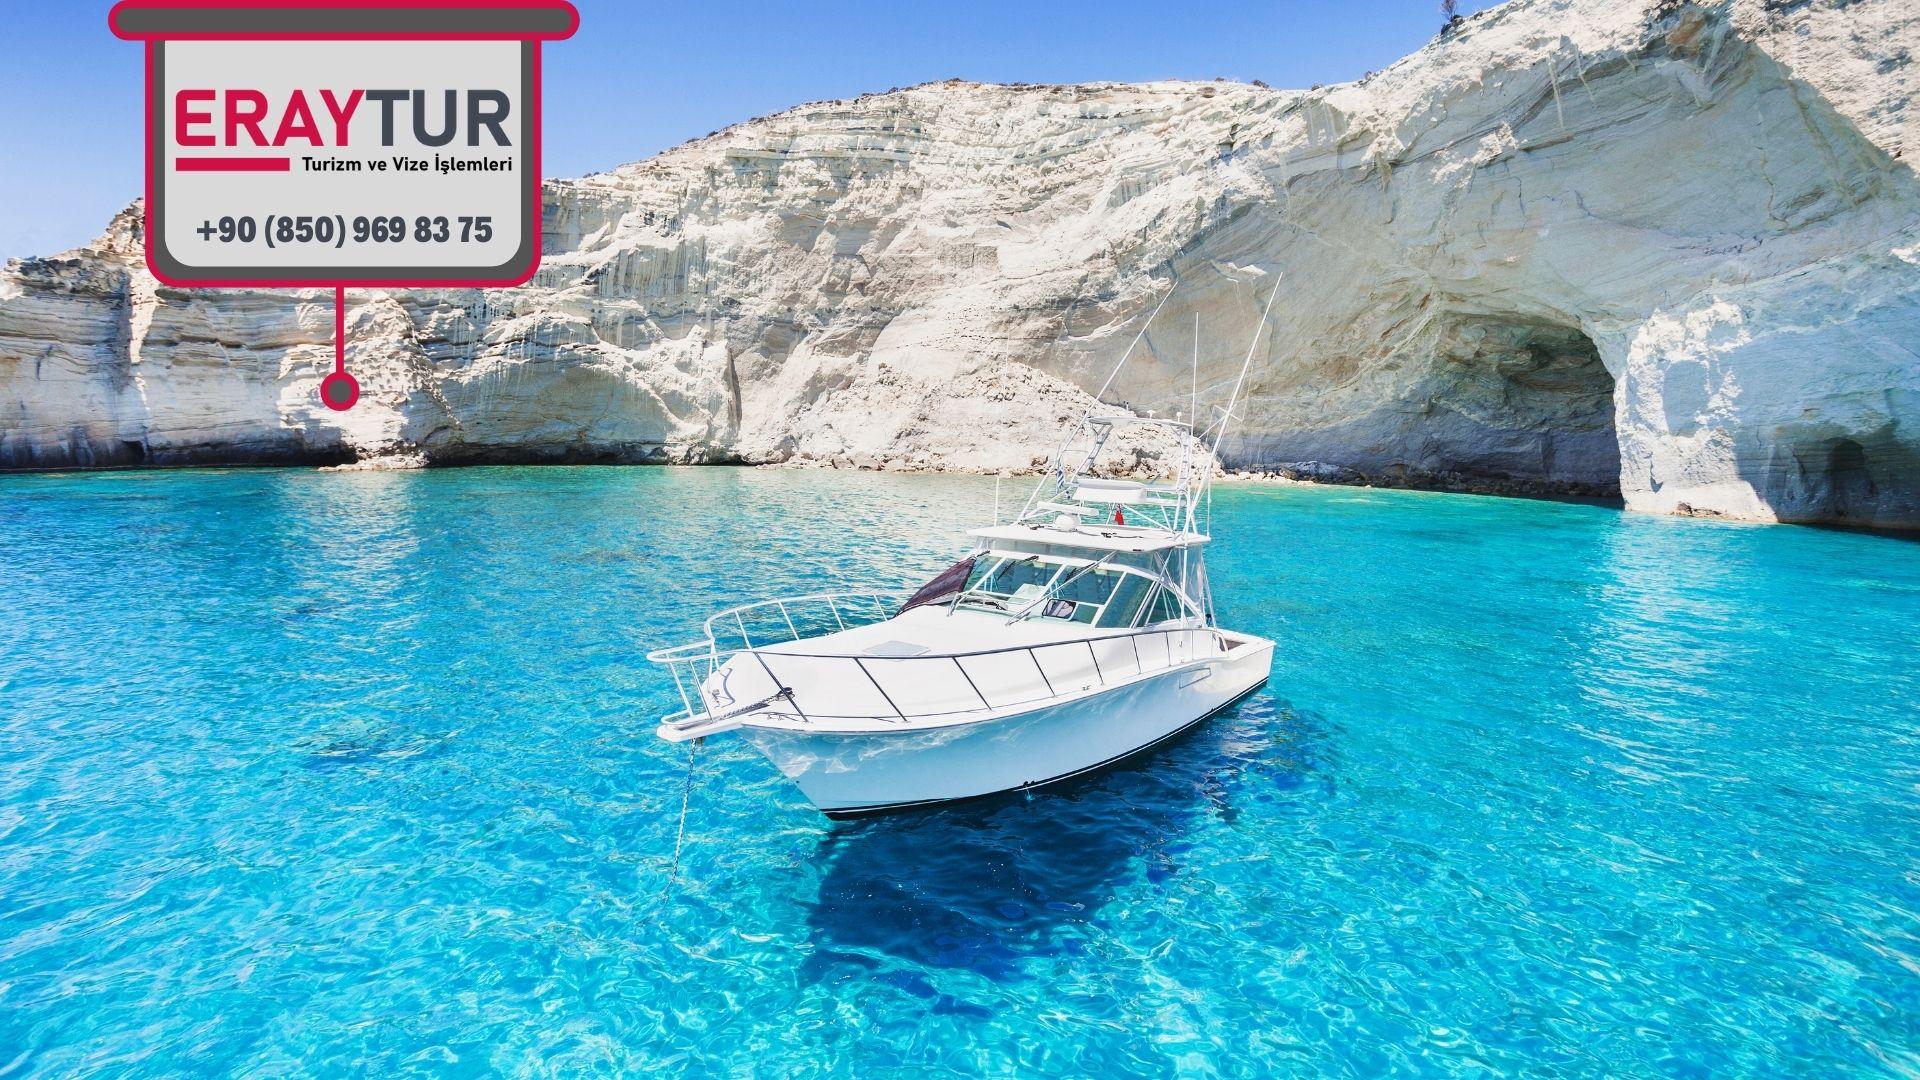 Yunanistan Turistik Vize Çalışan Evrakları